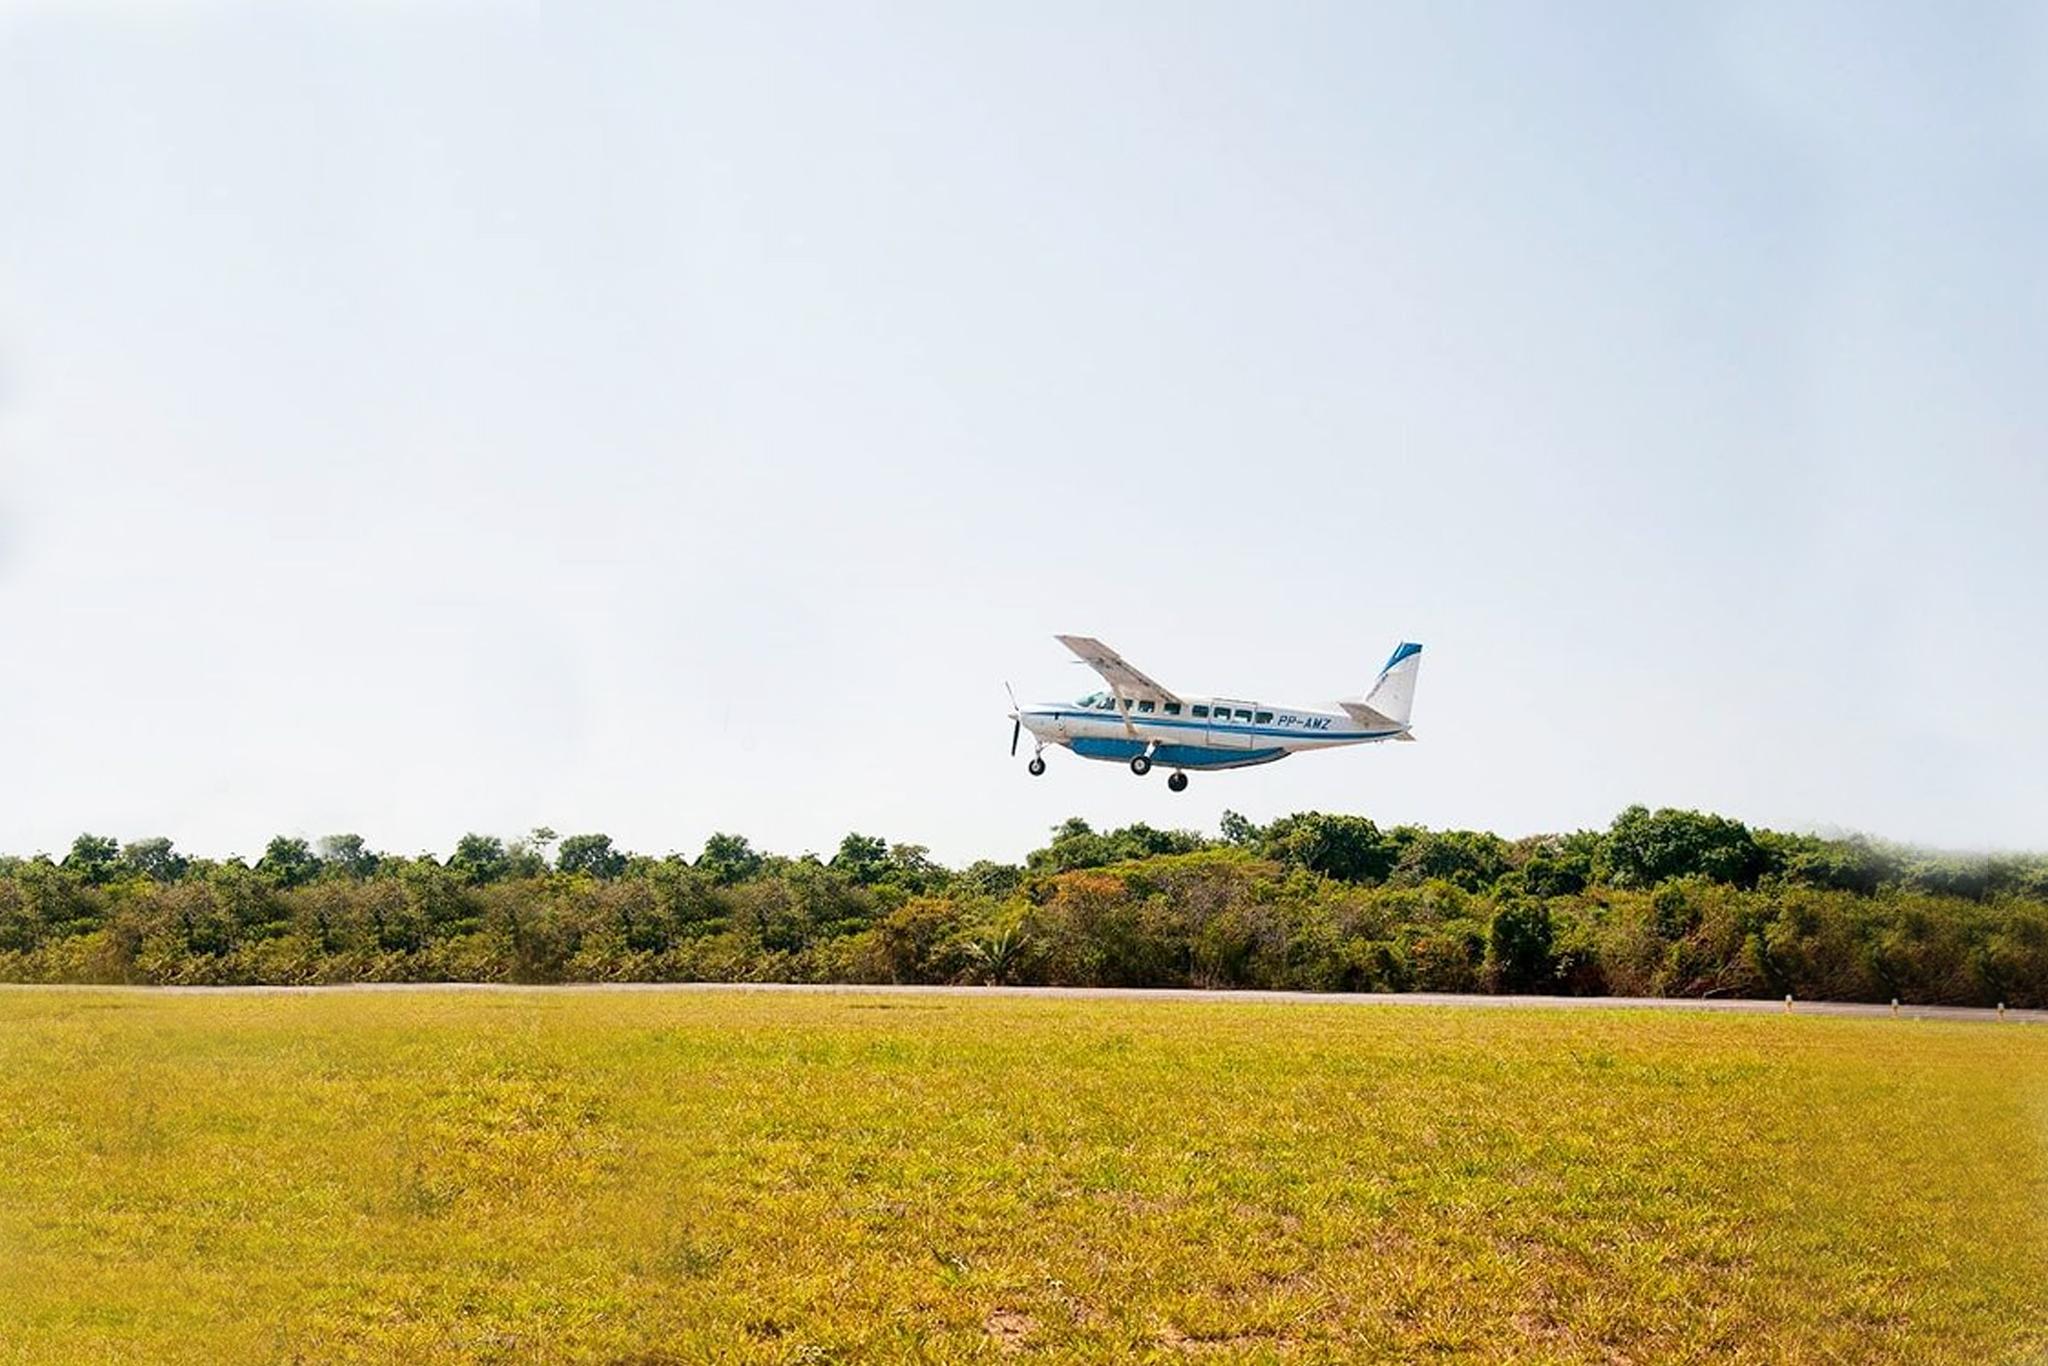 https://www.piquiatuba.com.br/wp-content/uploads/2021/01/grand-caravan-aviao-turboelice.jpg